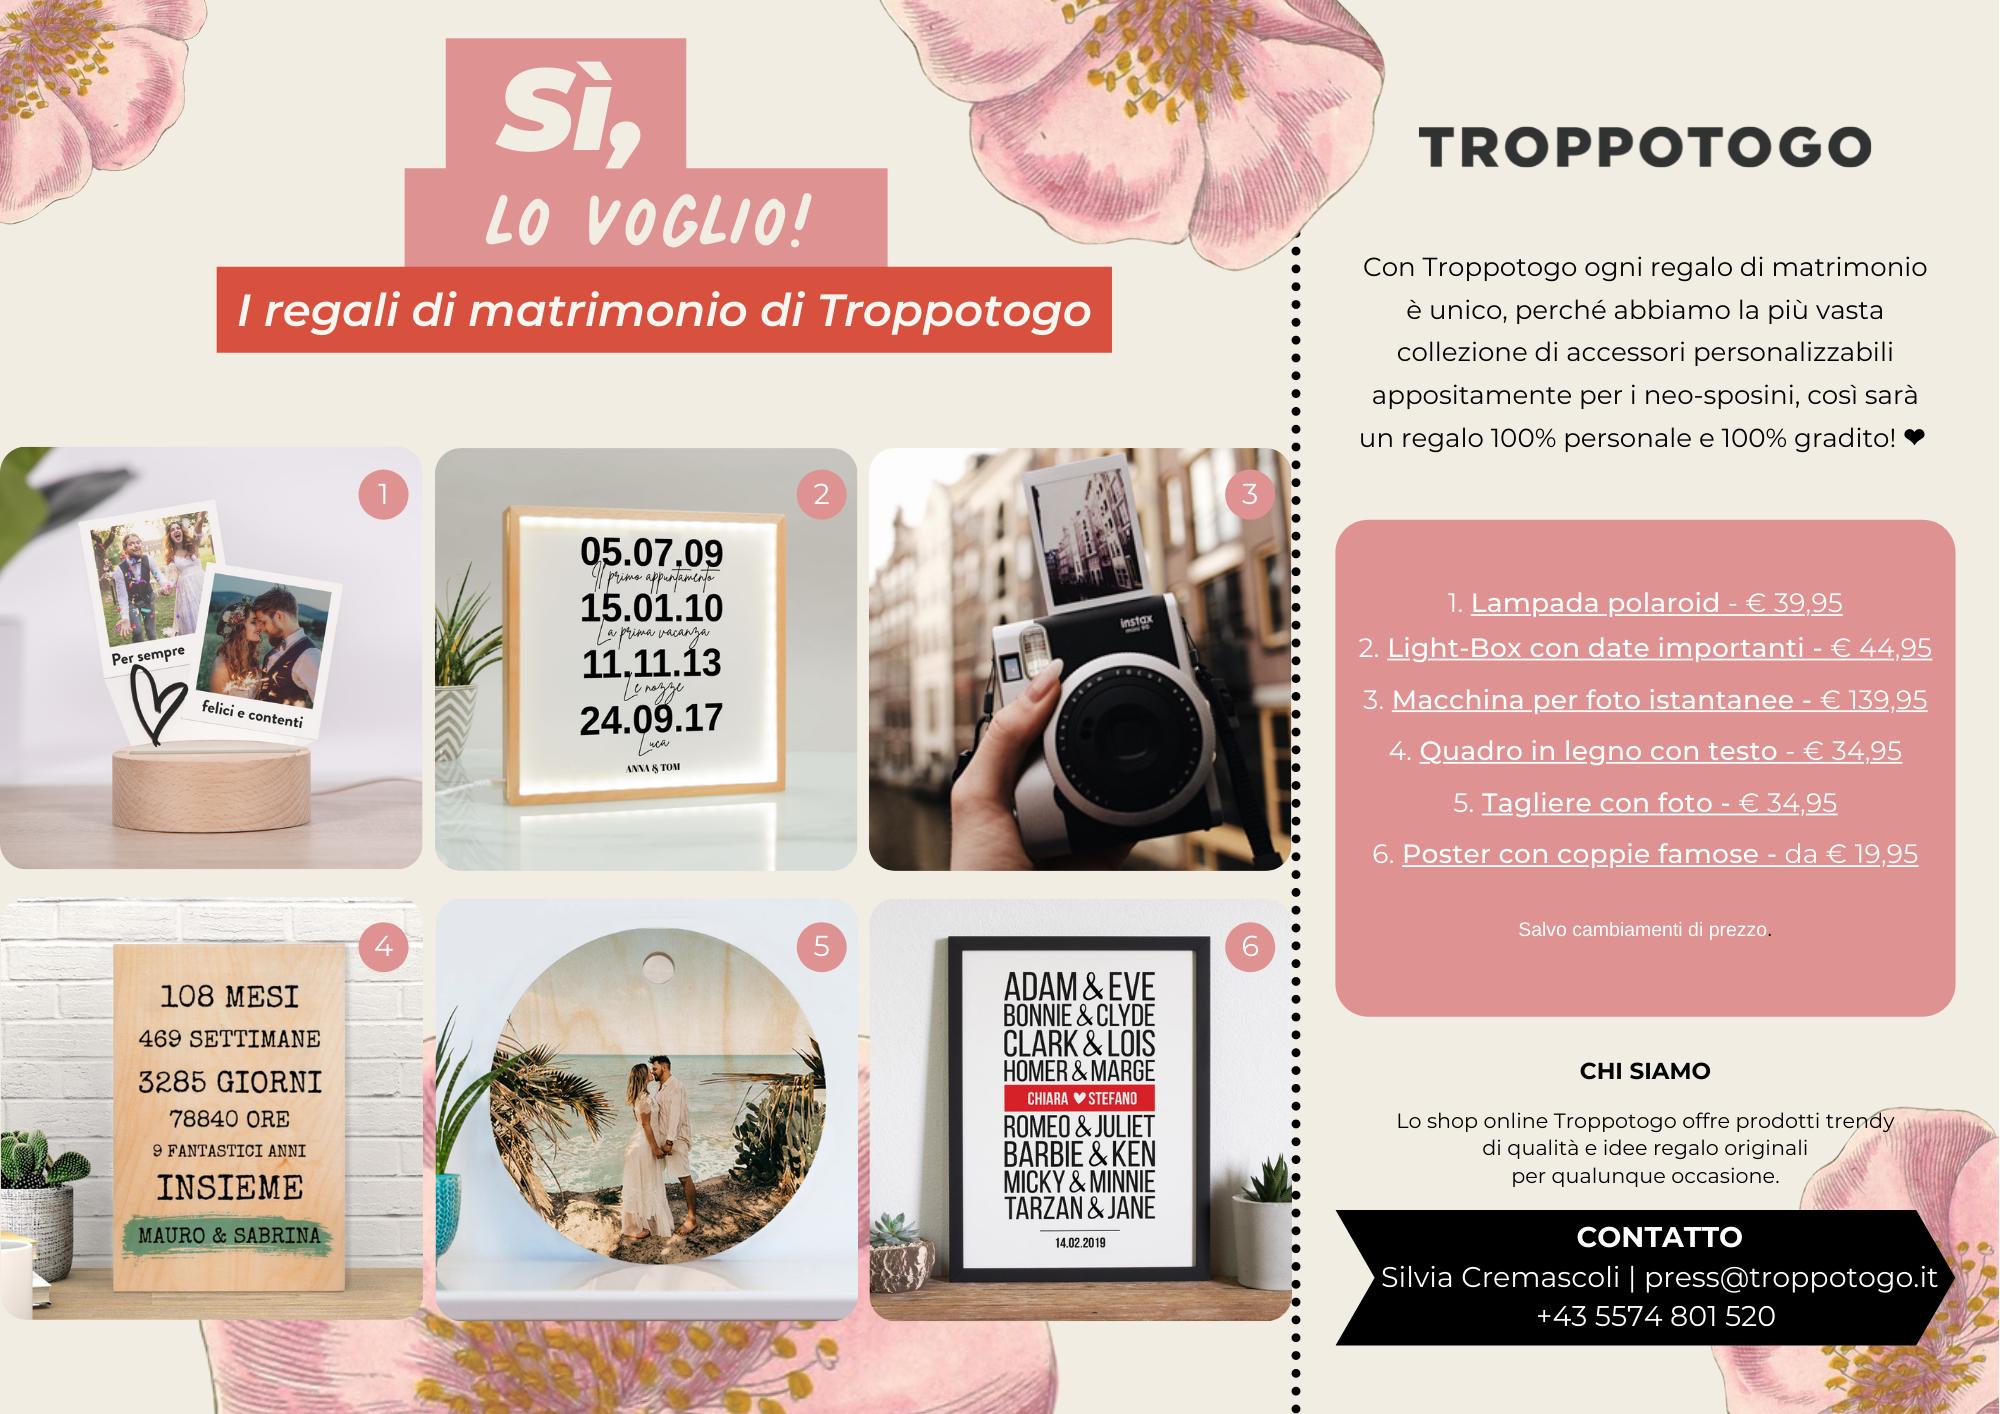 Comunicato Stampa Troppotogo - Regali di matrimonio 2021